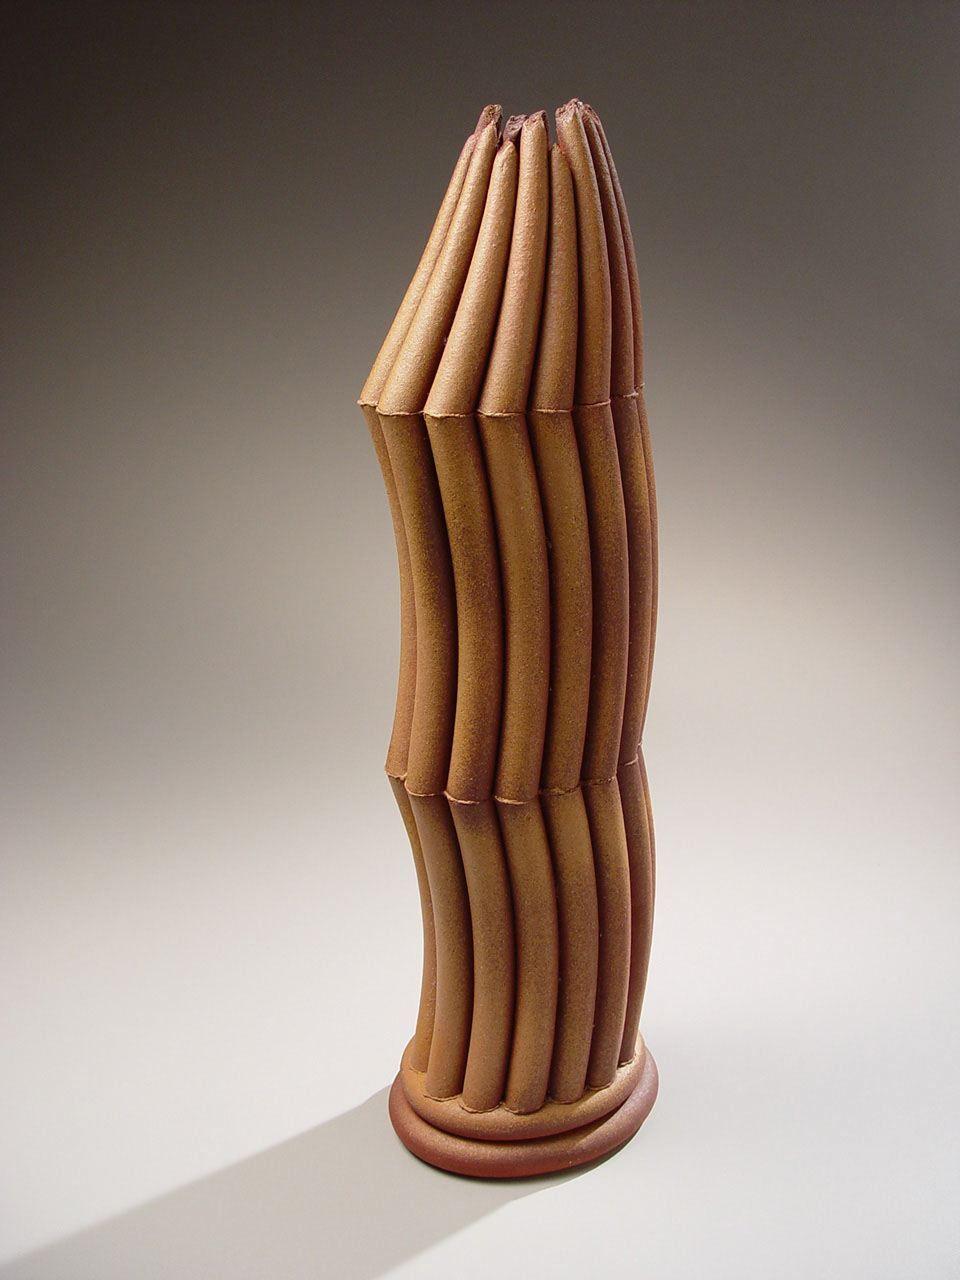 Vertical sculpture consisting of tubular components, ca. 1997